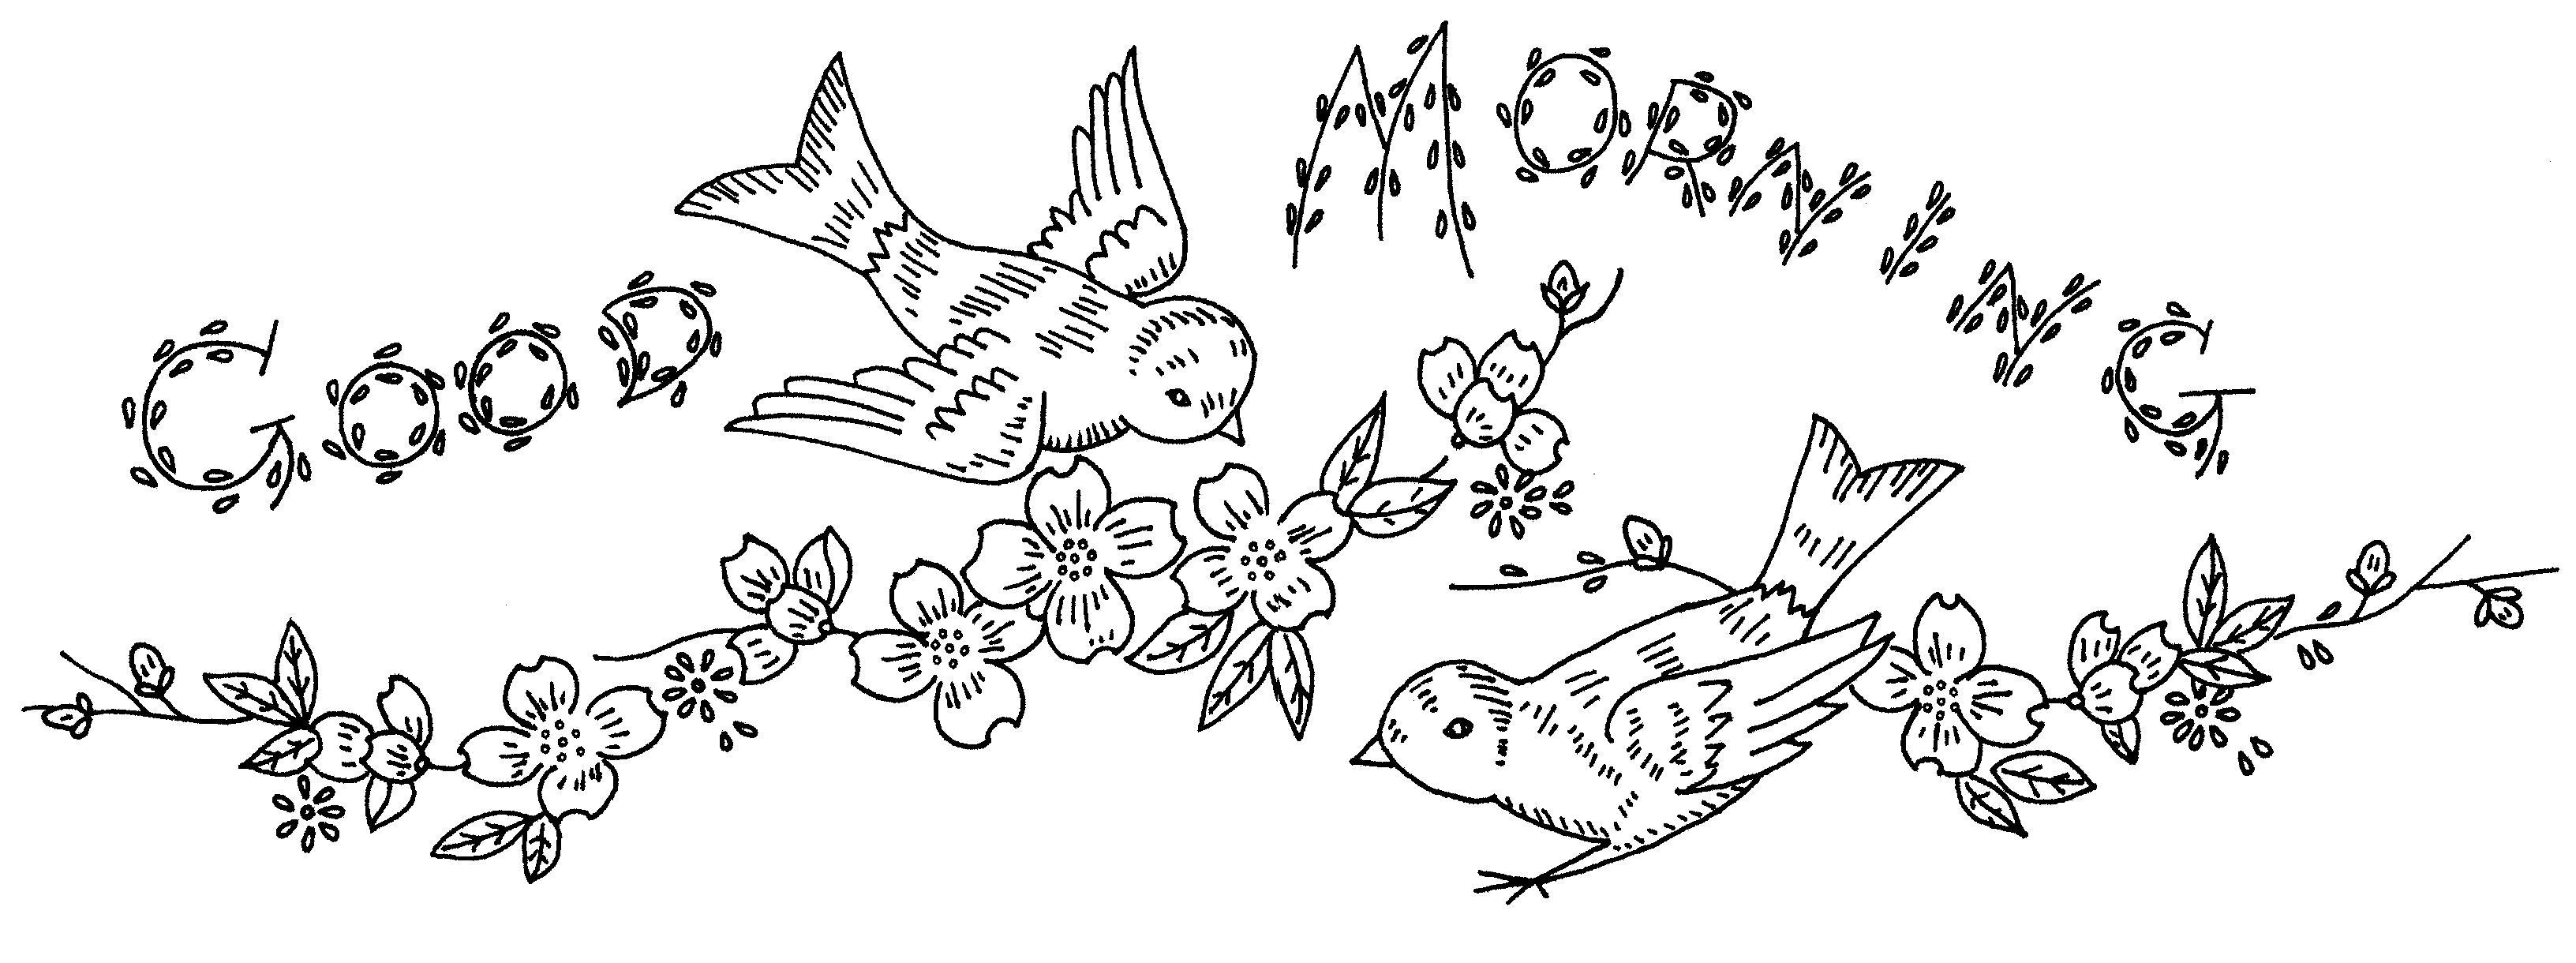 bird pillowcase 6